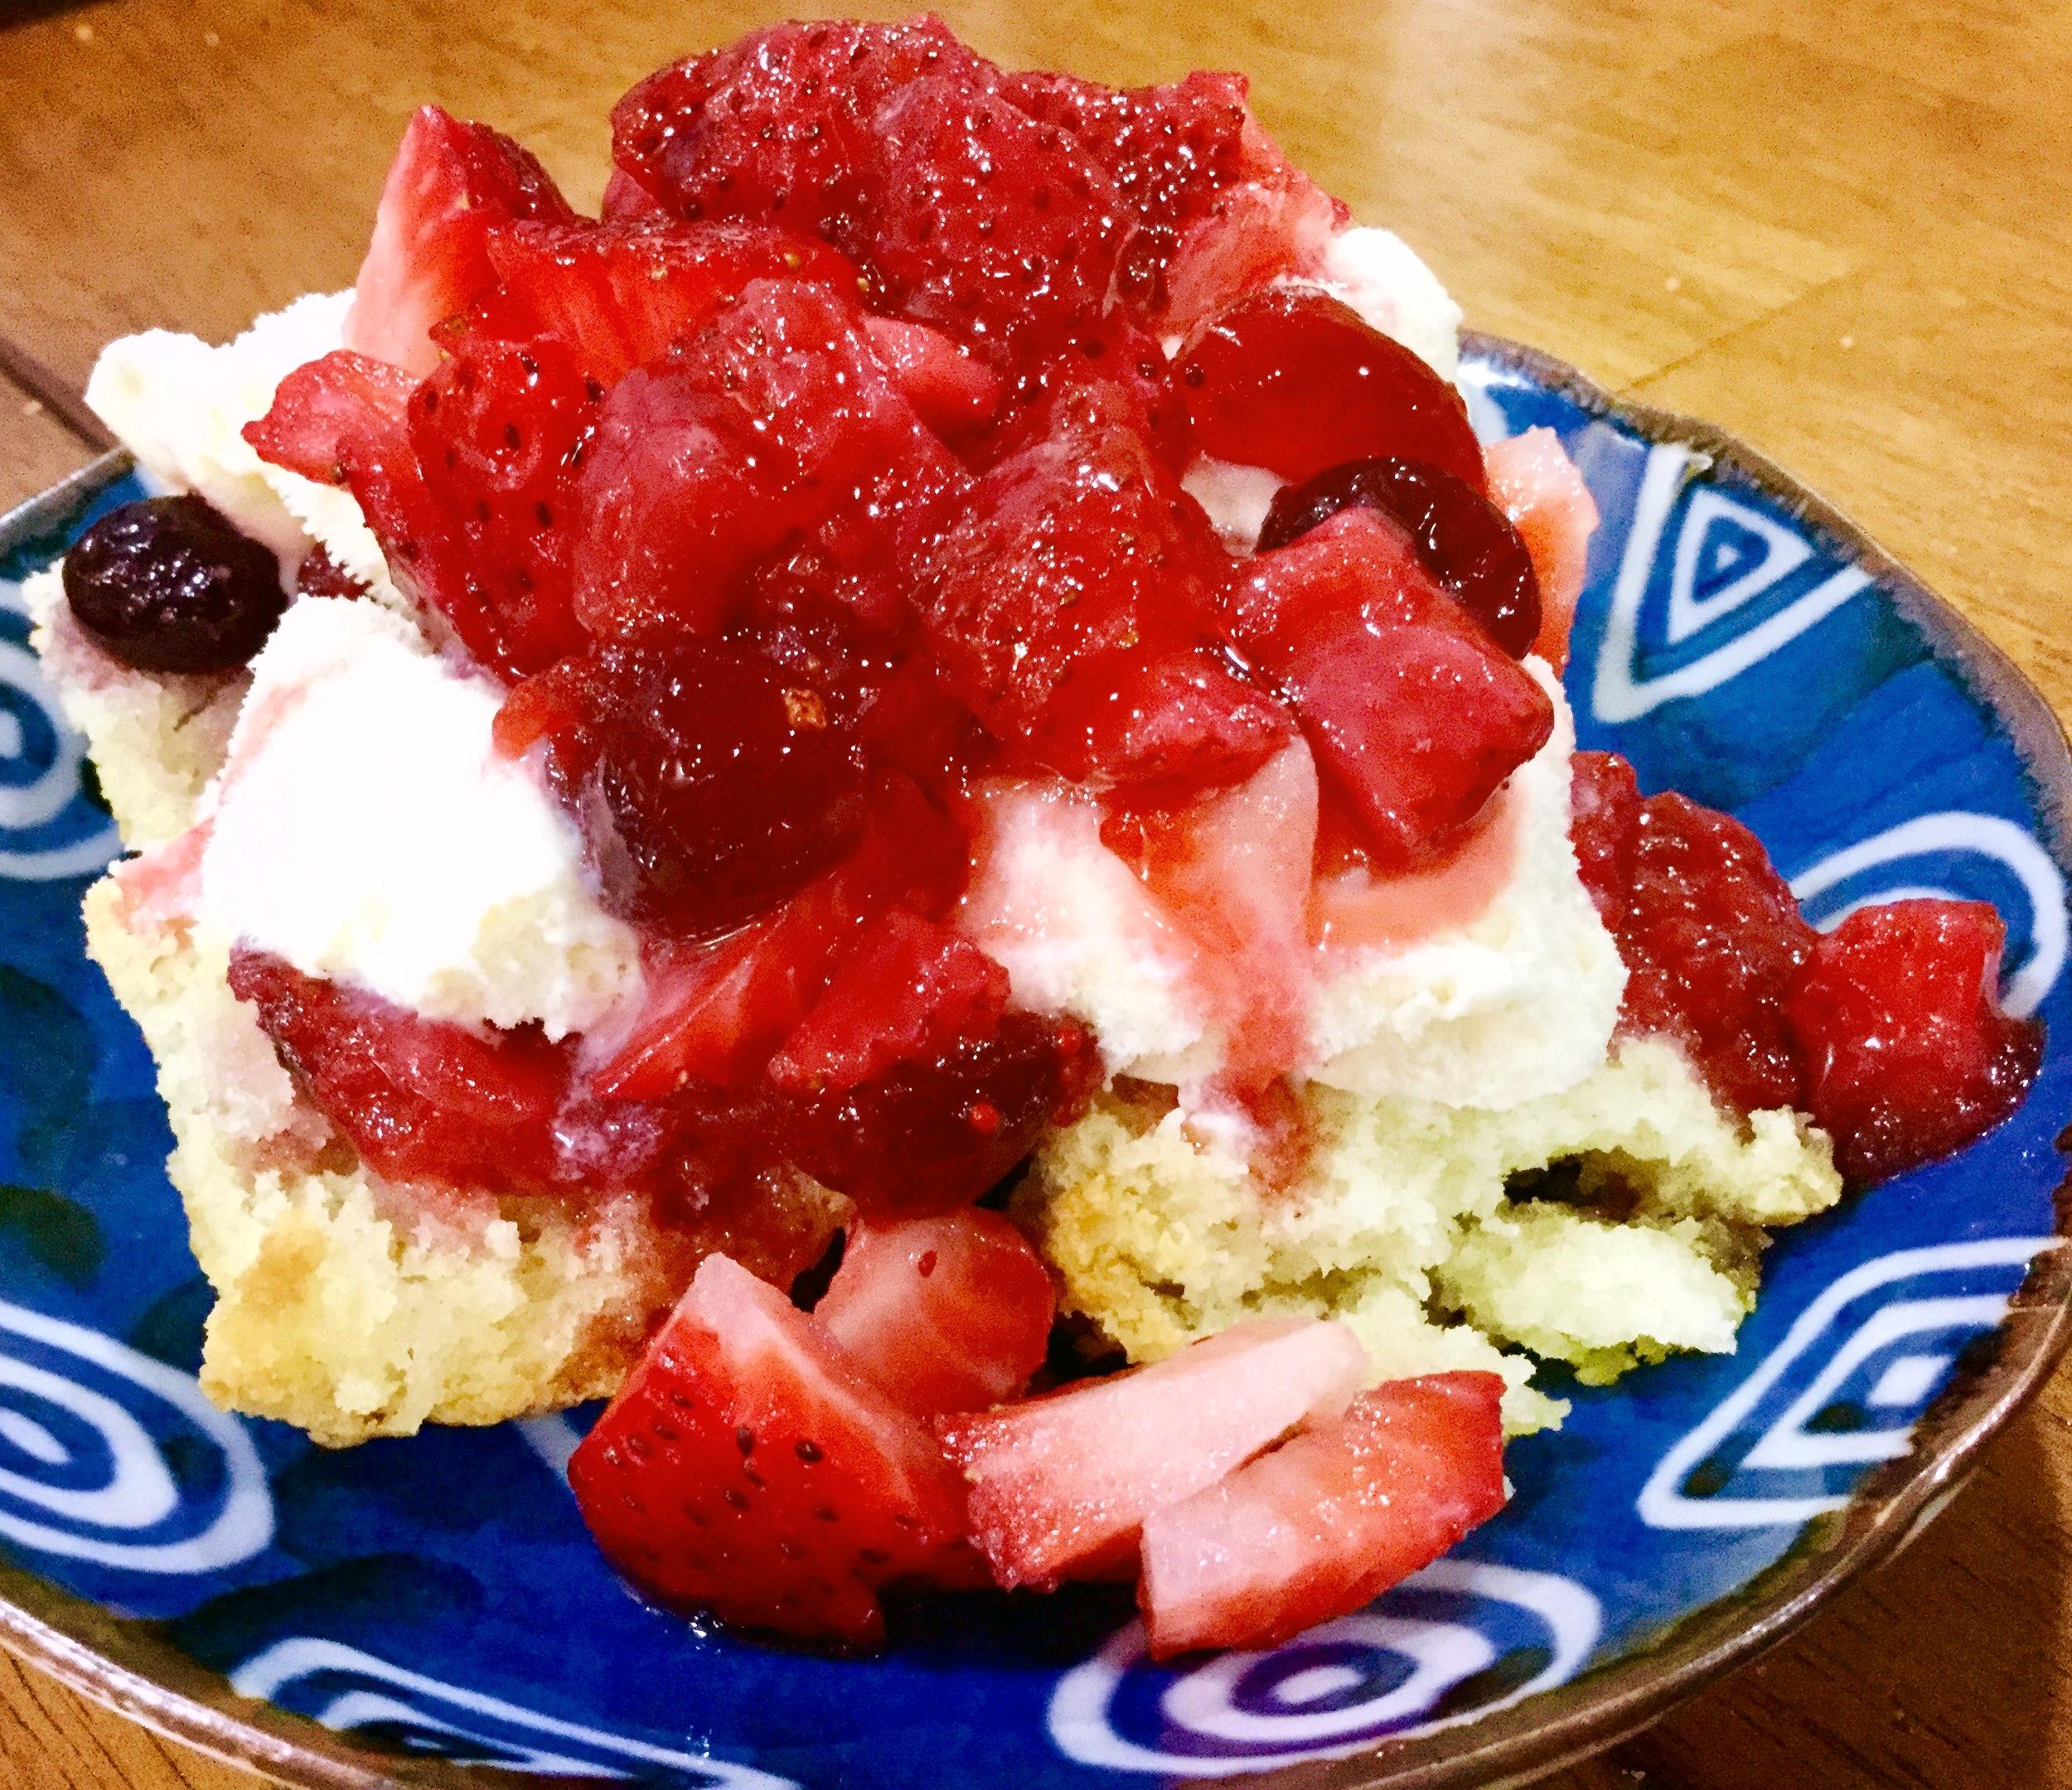 Mariby Corpenings Strawberry Short Cake.jpg